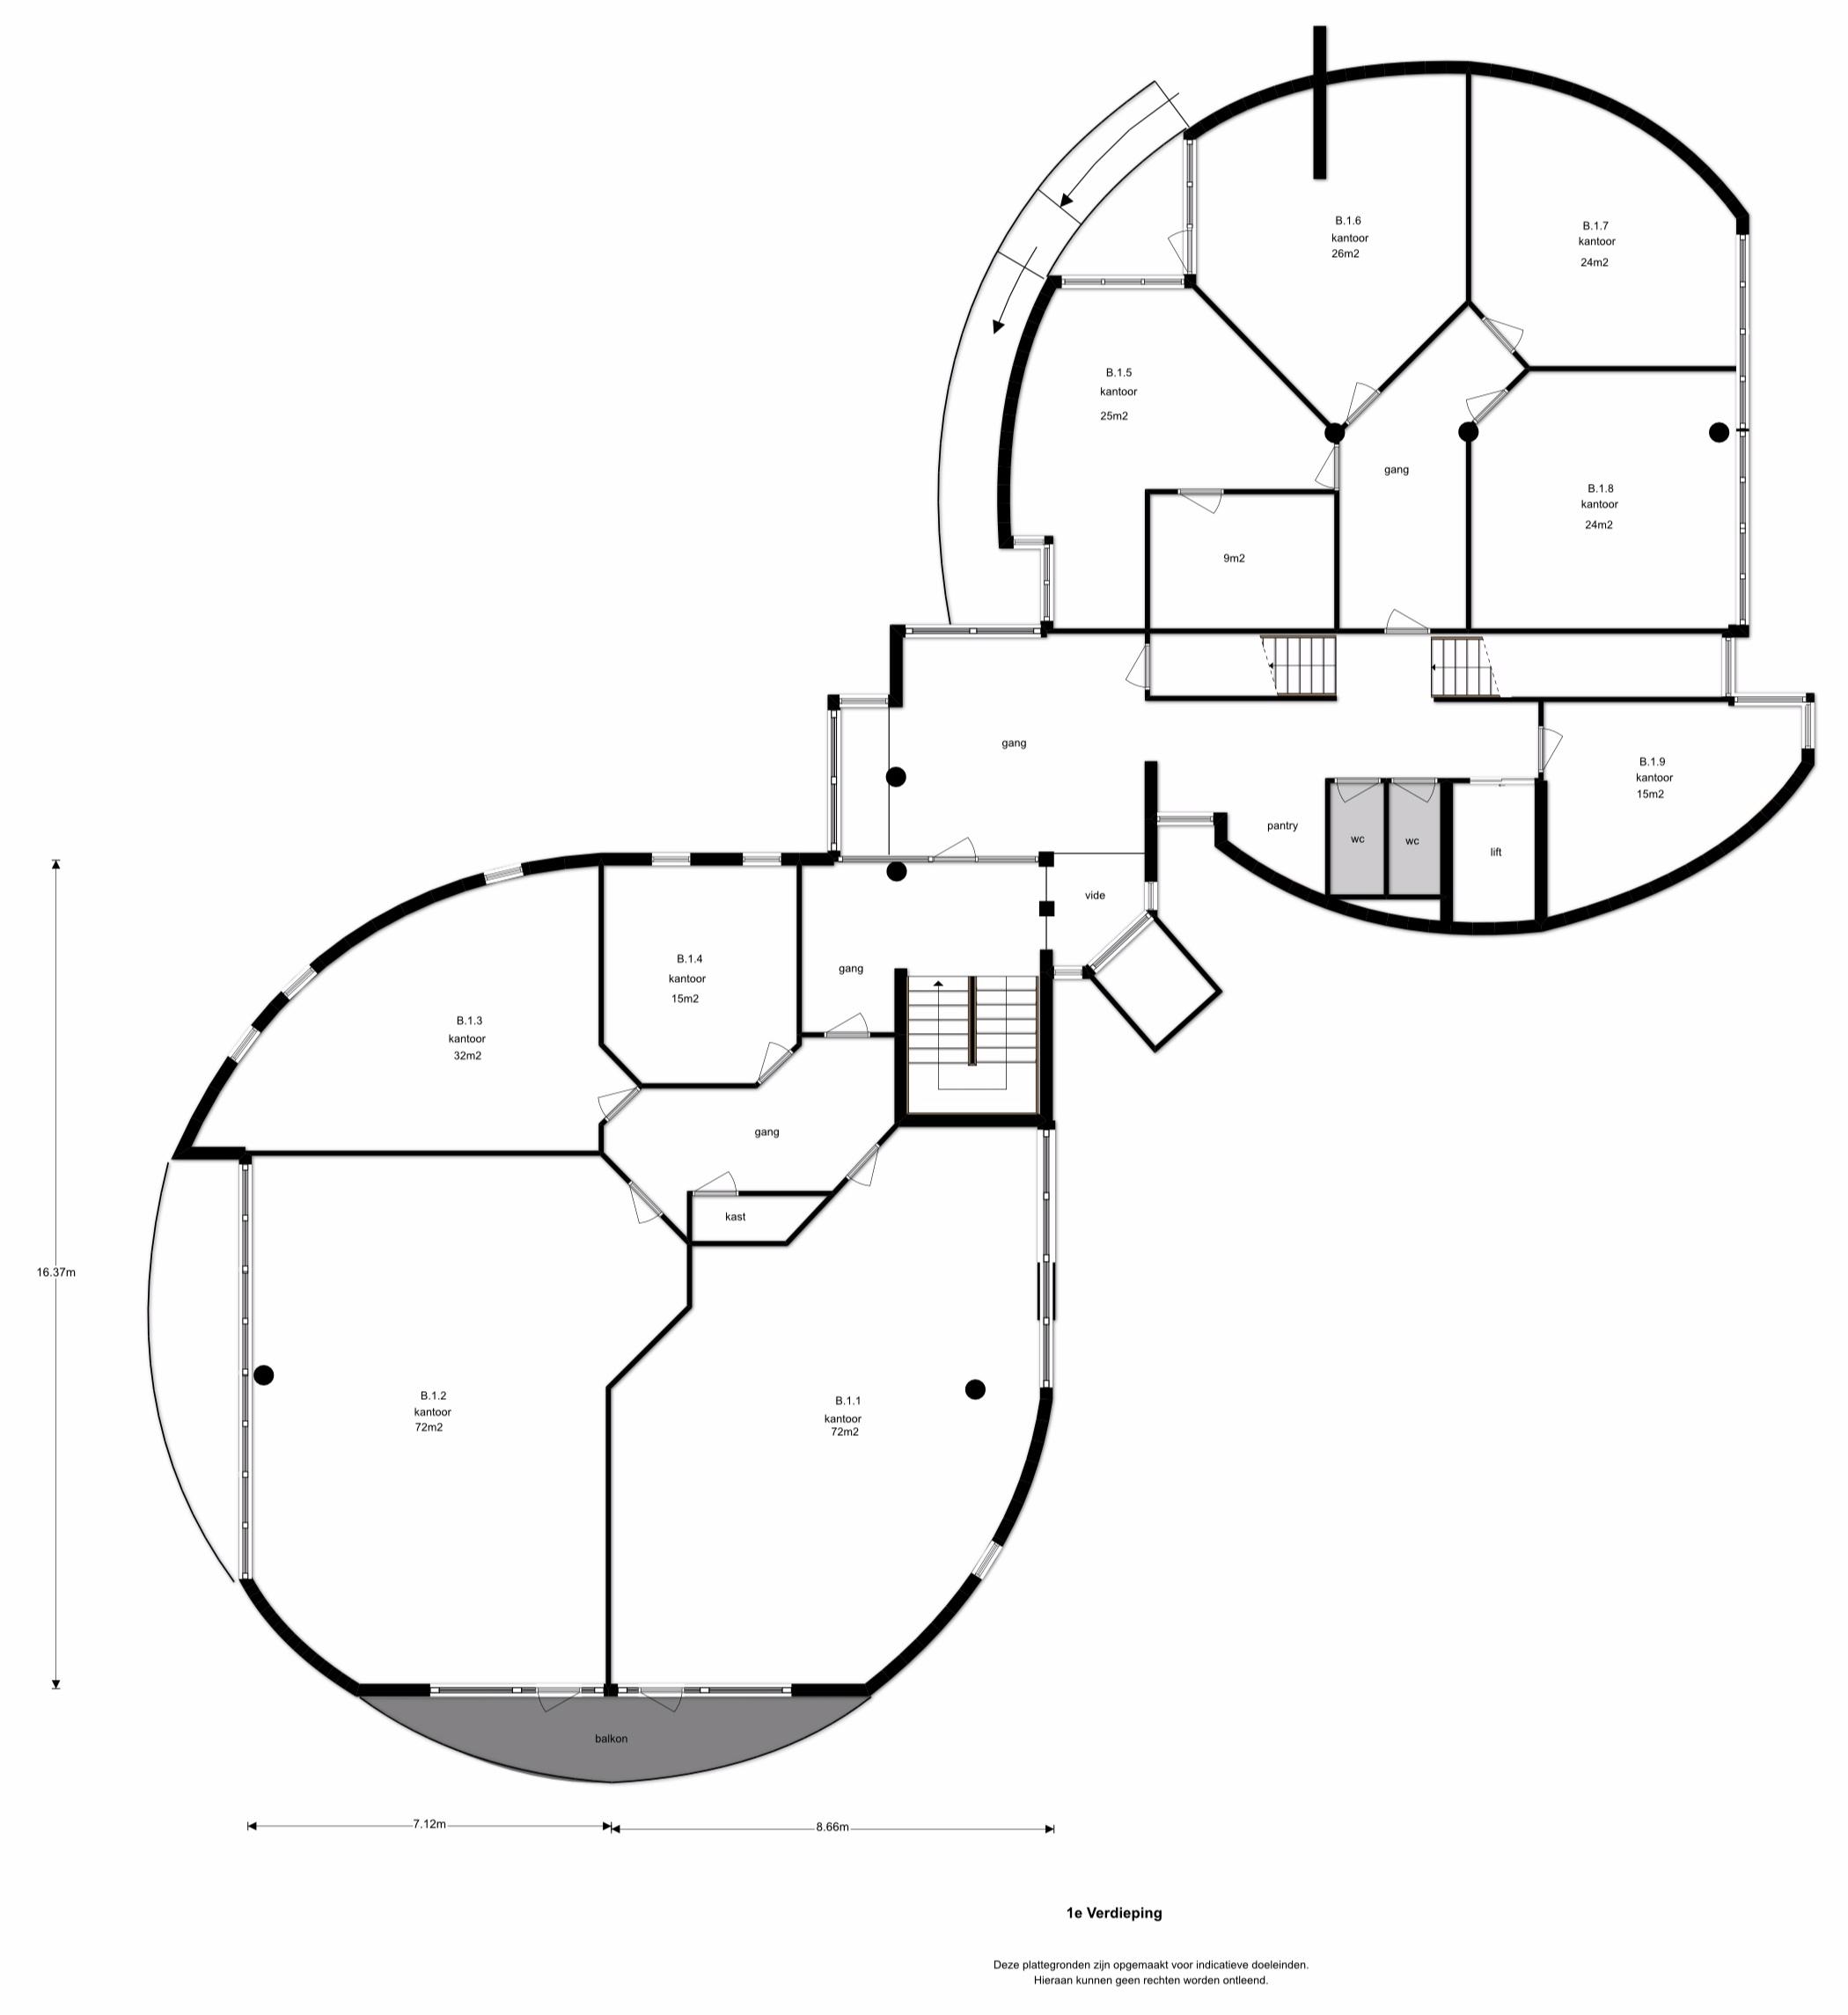 1e Verdieping - Personenlift en twee trappenhuizen. Kantine/pantry. Gescheiden dames- en herentoiletten per bouwlaag. Kantoorruimten van diverse afmetingen voorzien van een systeemplafond met TL-inbouwarmaturen, kabelgoten/datalijnen en stoffering. Aluminium kozijnen met isolerende beglazing.